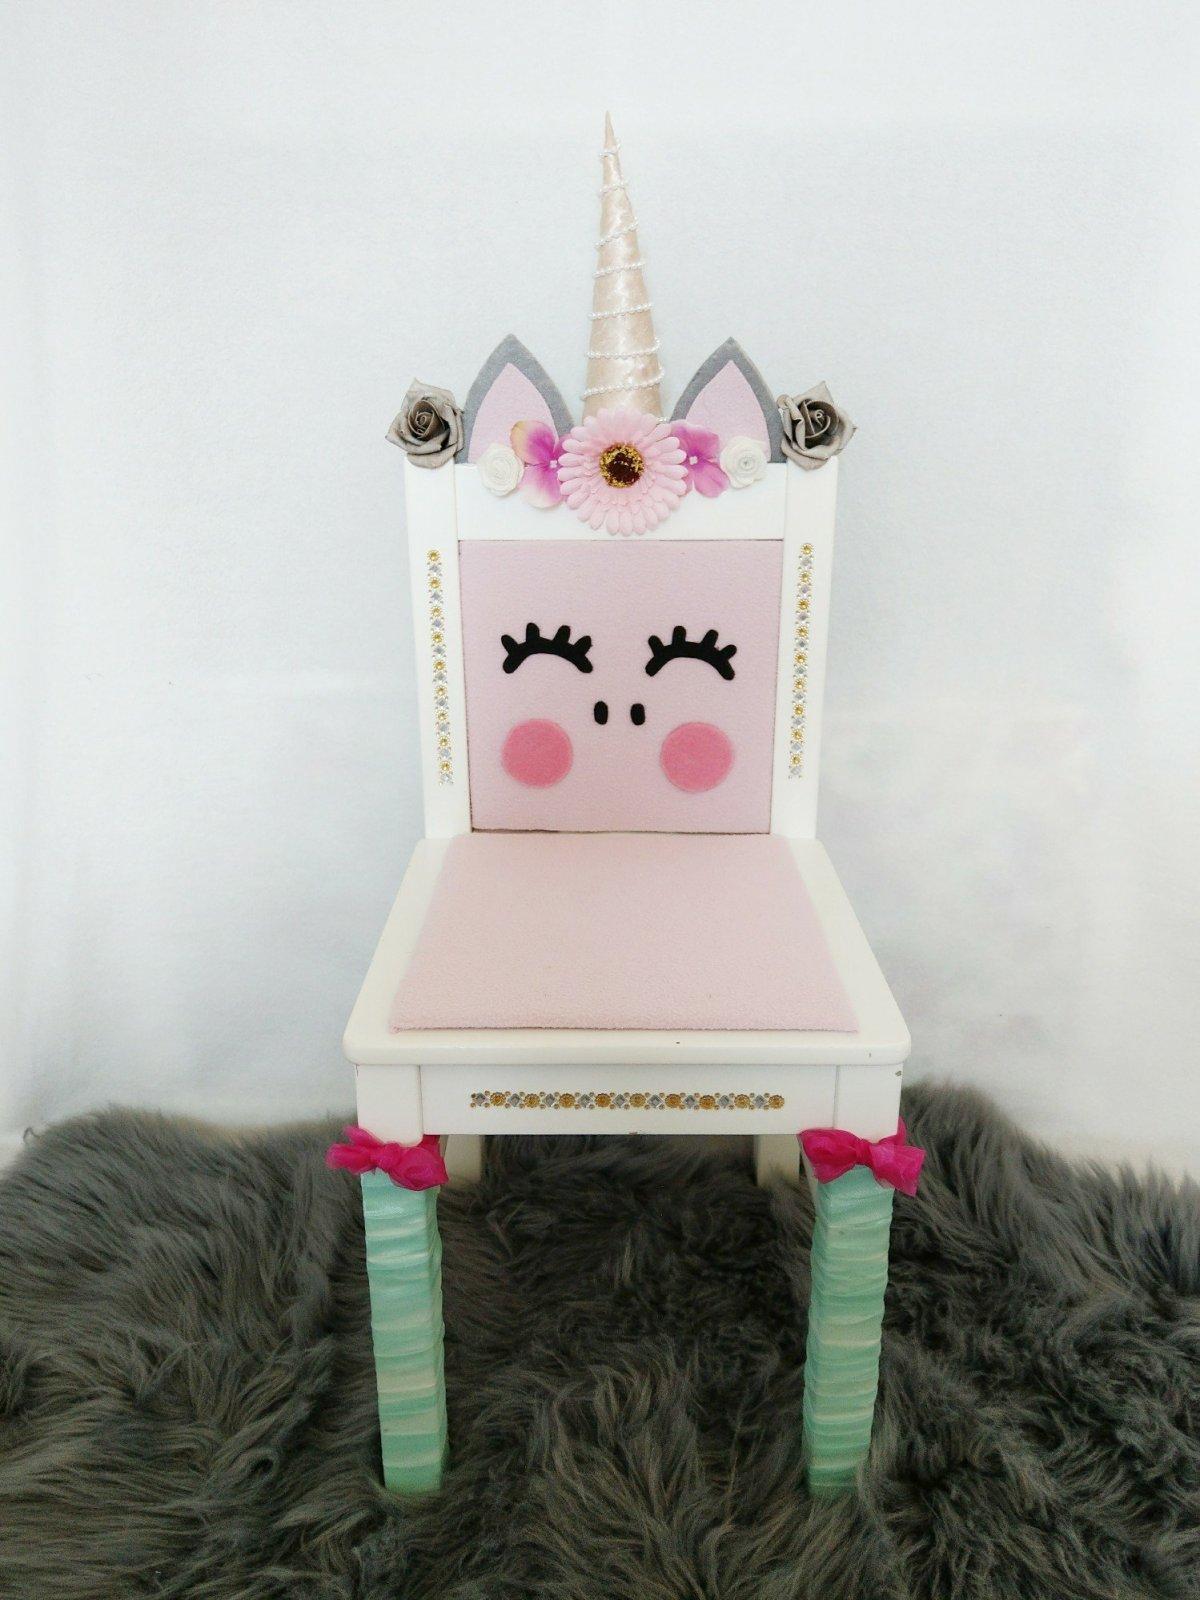 Süßer Stuhl für kleine Mädchen. Upcycling mit dem Ikea Knitter lassen im sitzen von Einhörnern träumen.